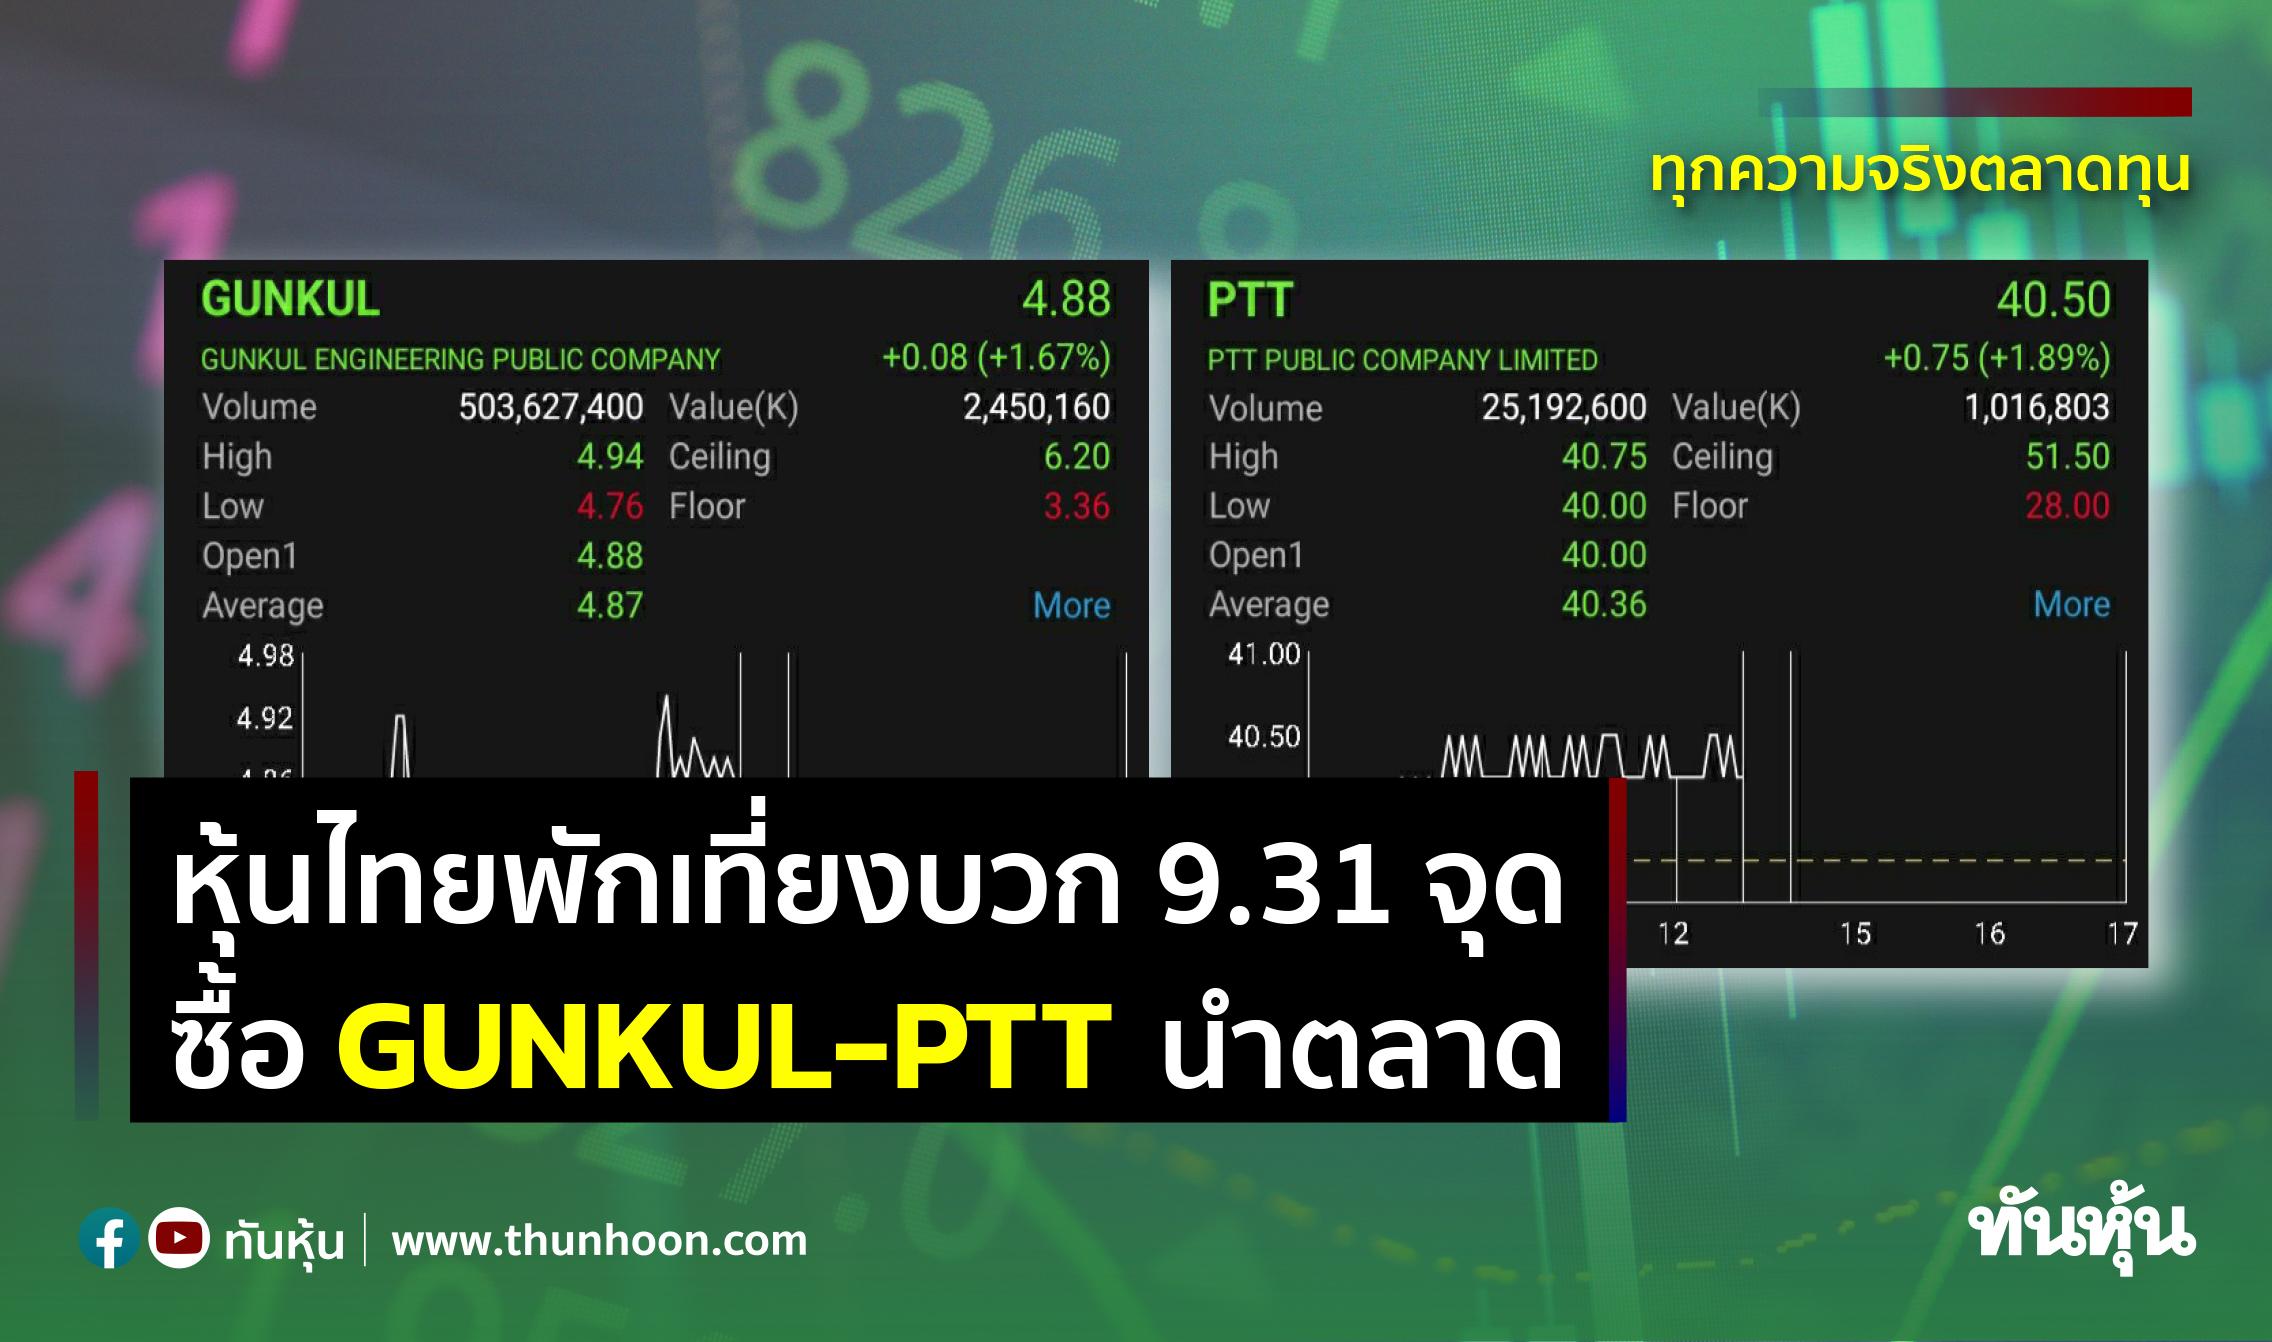 หุ้นไทยพักเที่ยงบวก 9.31 จุด ซื้อ GUNKUL-PTT นำตลาด